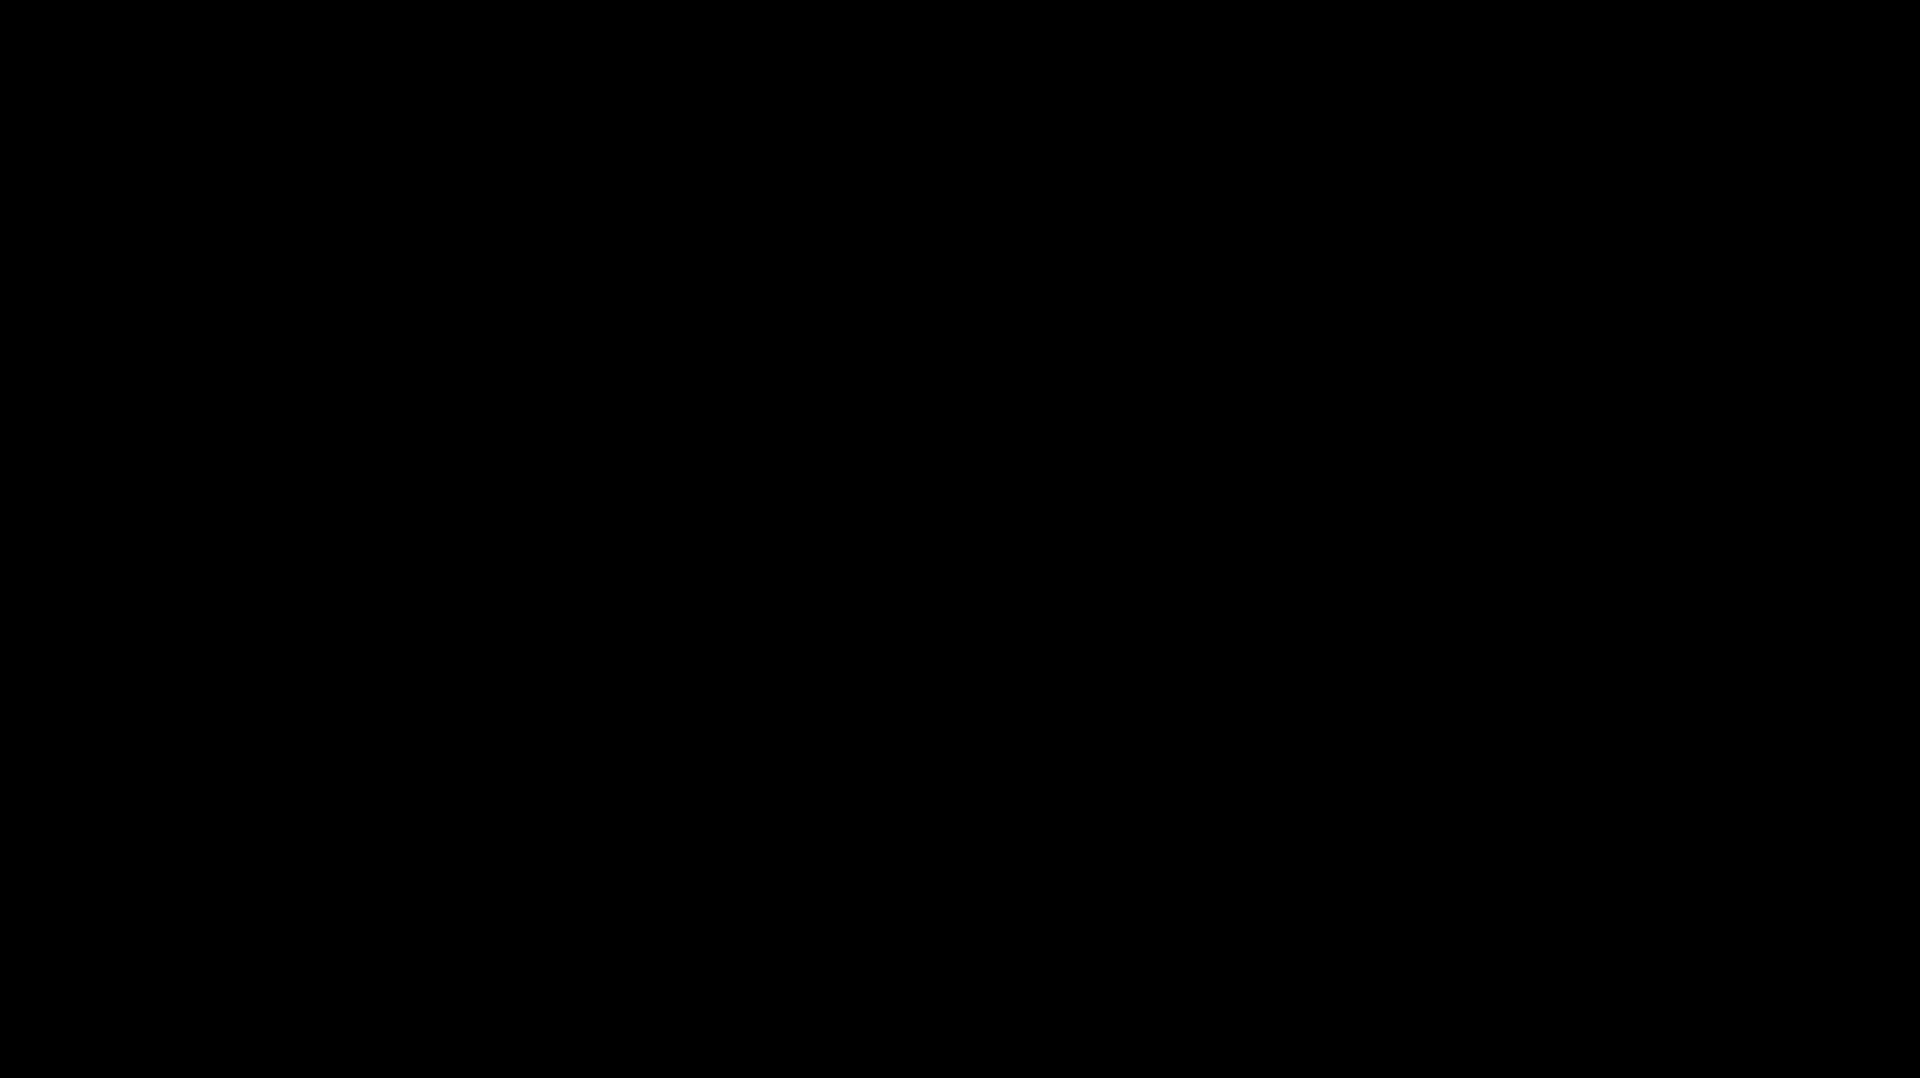 Vinyasa avanzado modificación secuencia numen